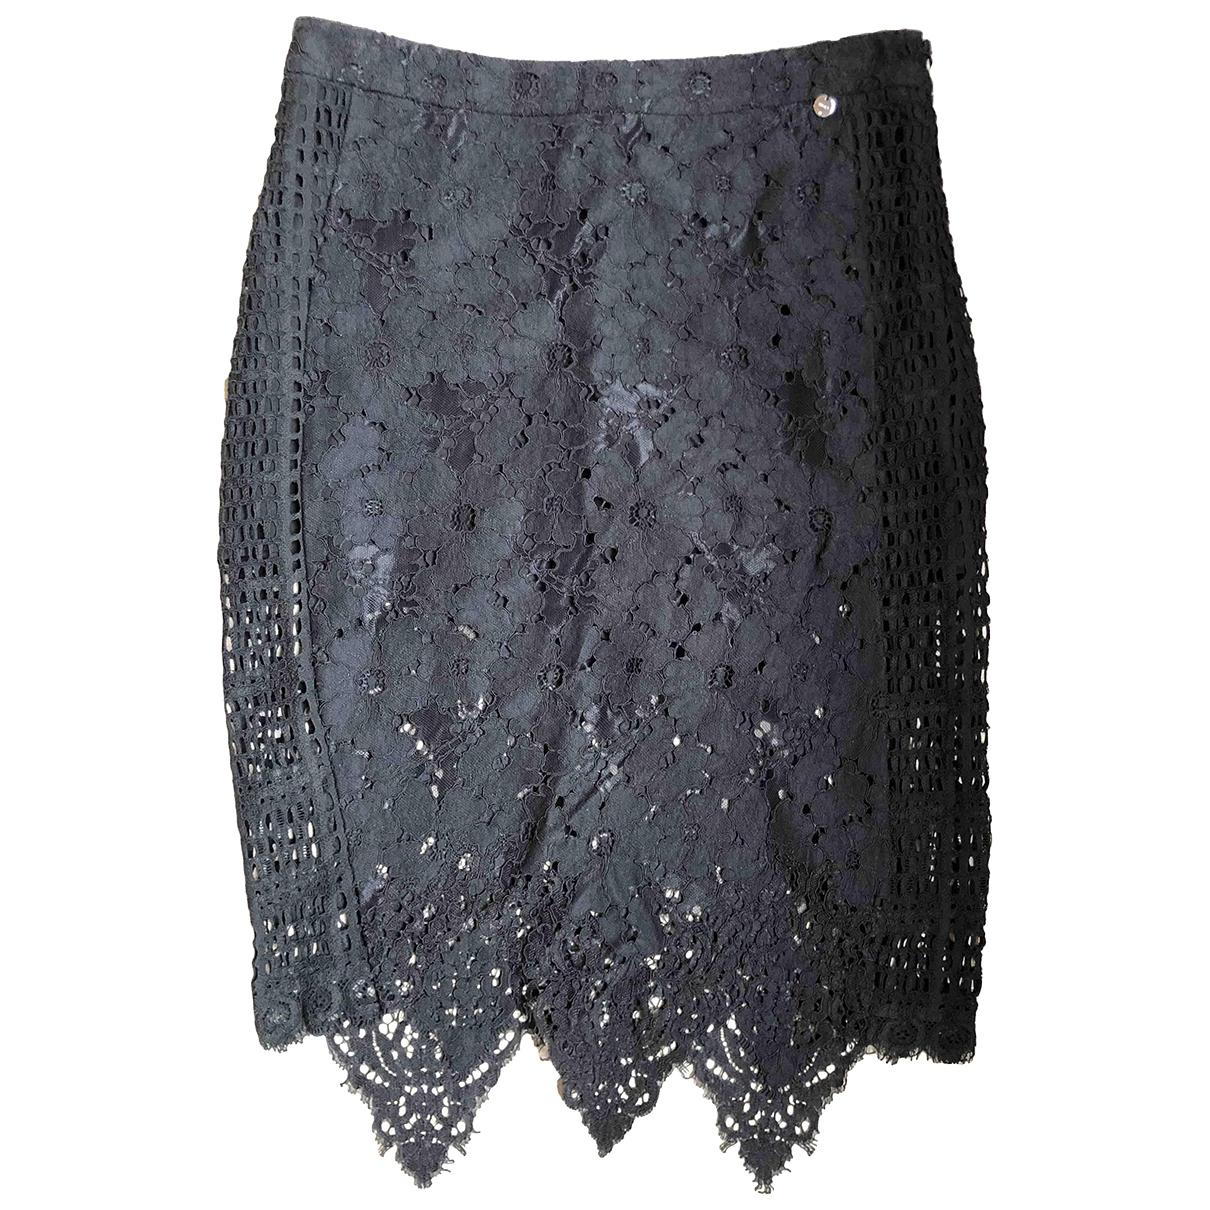 Liu.jo \N Black skirt for Women 46 IT